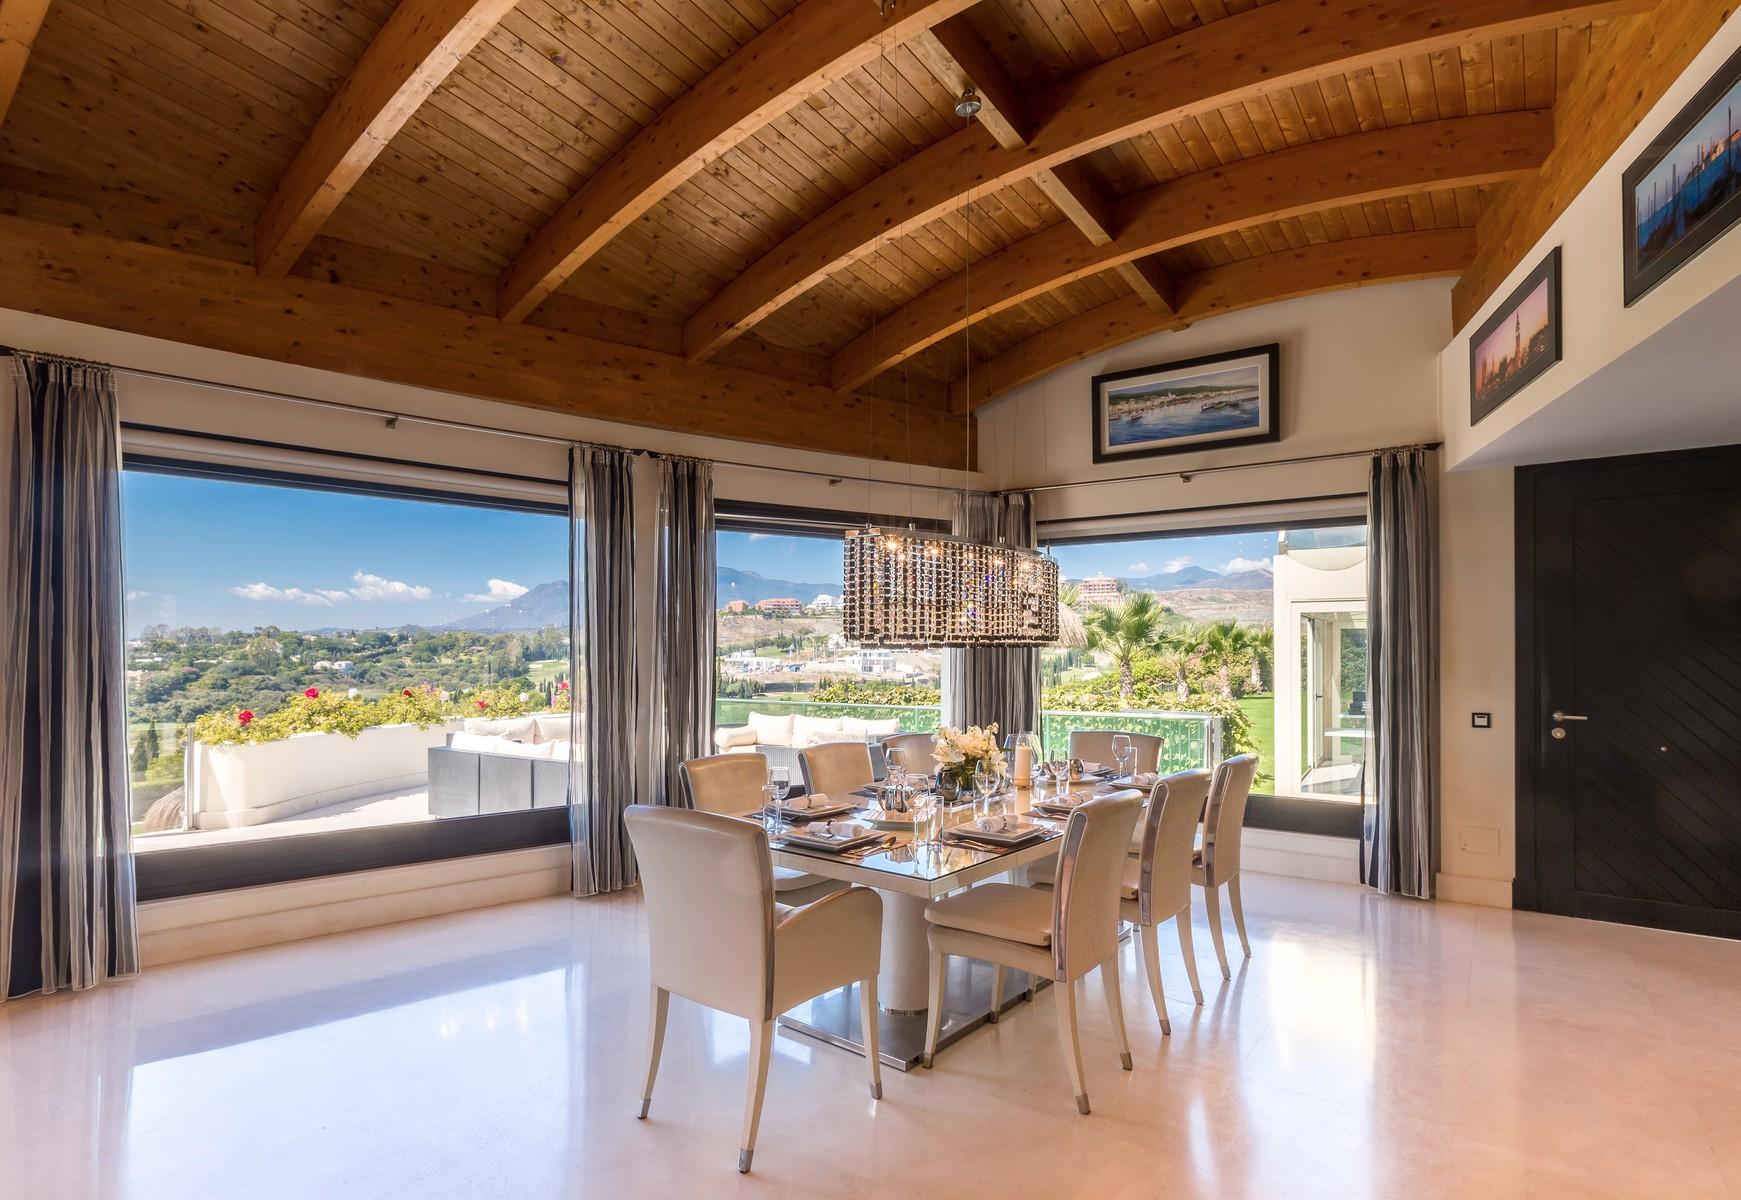 13-villa-el-cano-dining-with-view